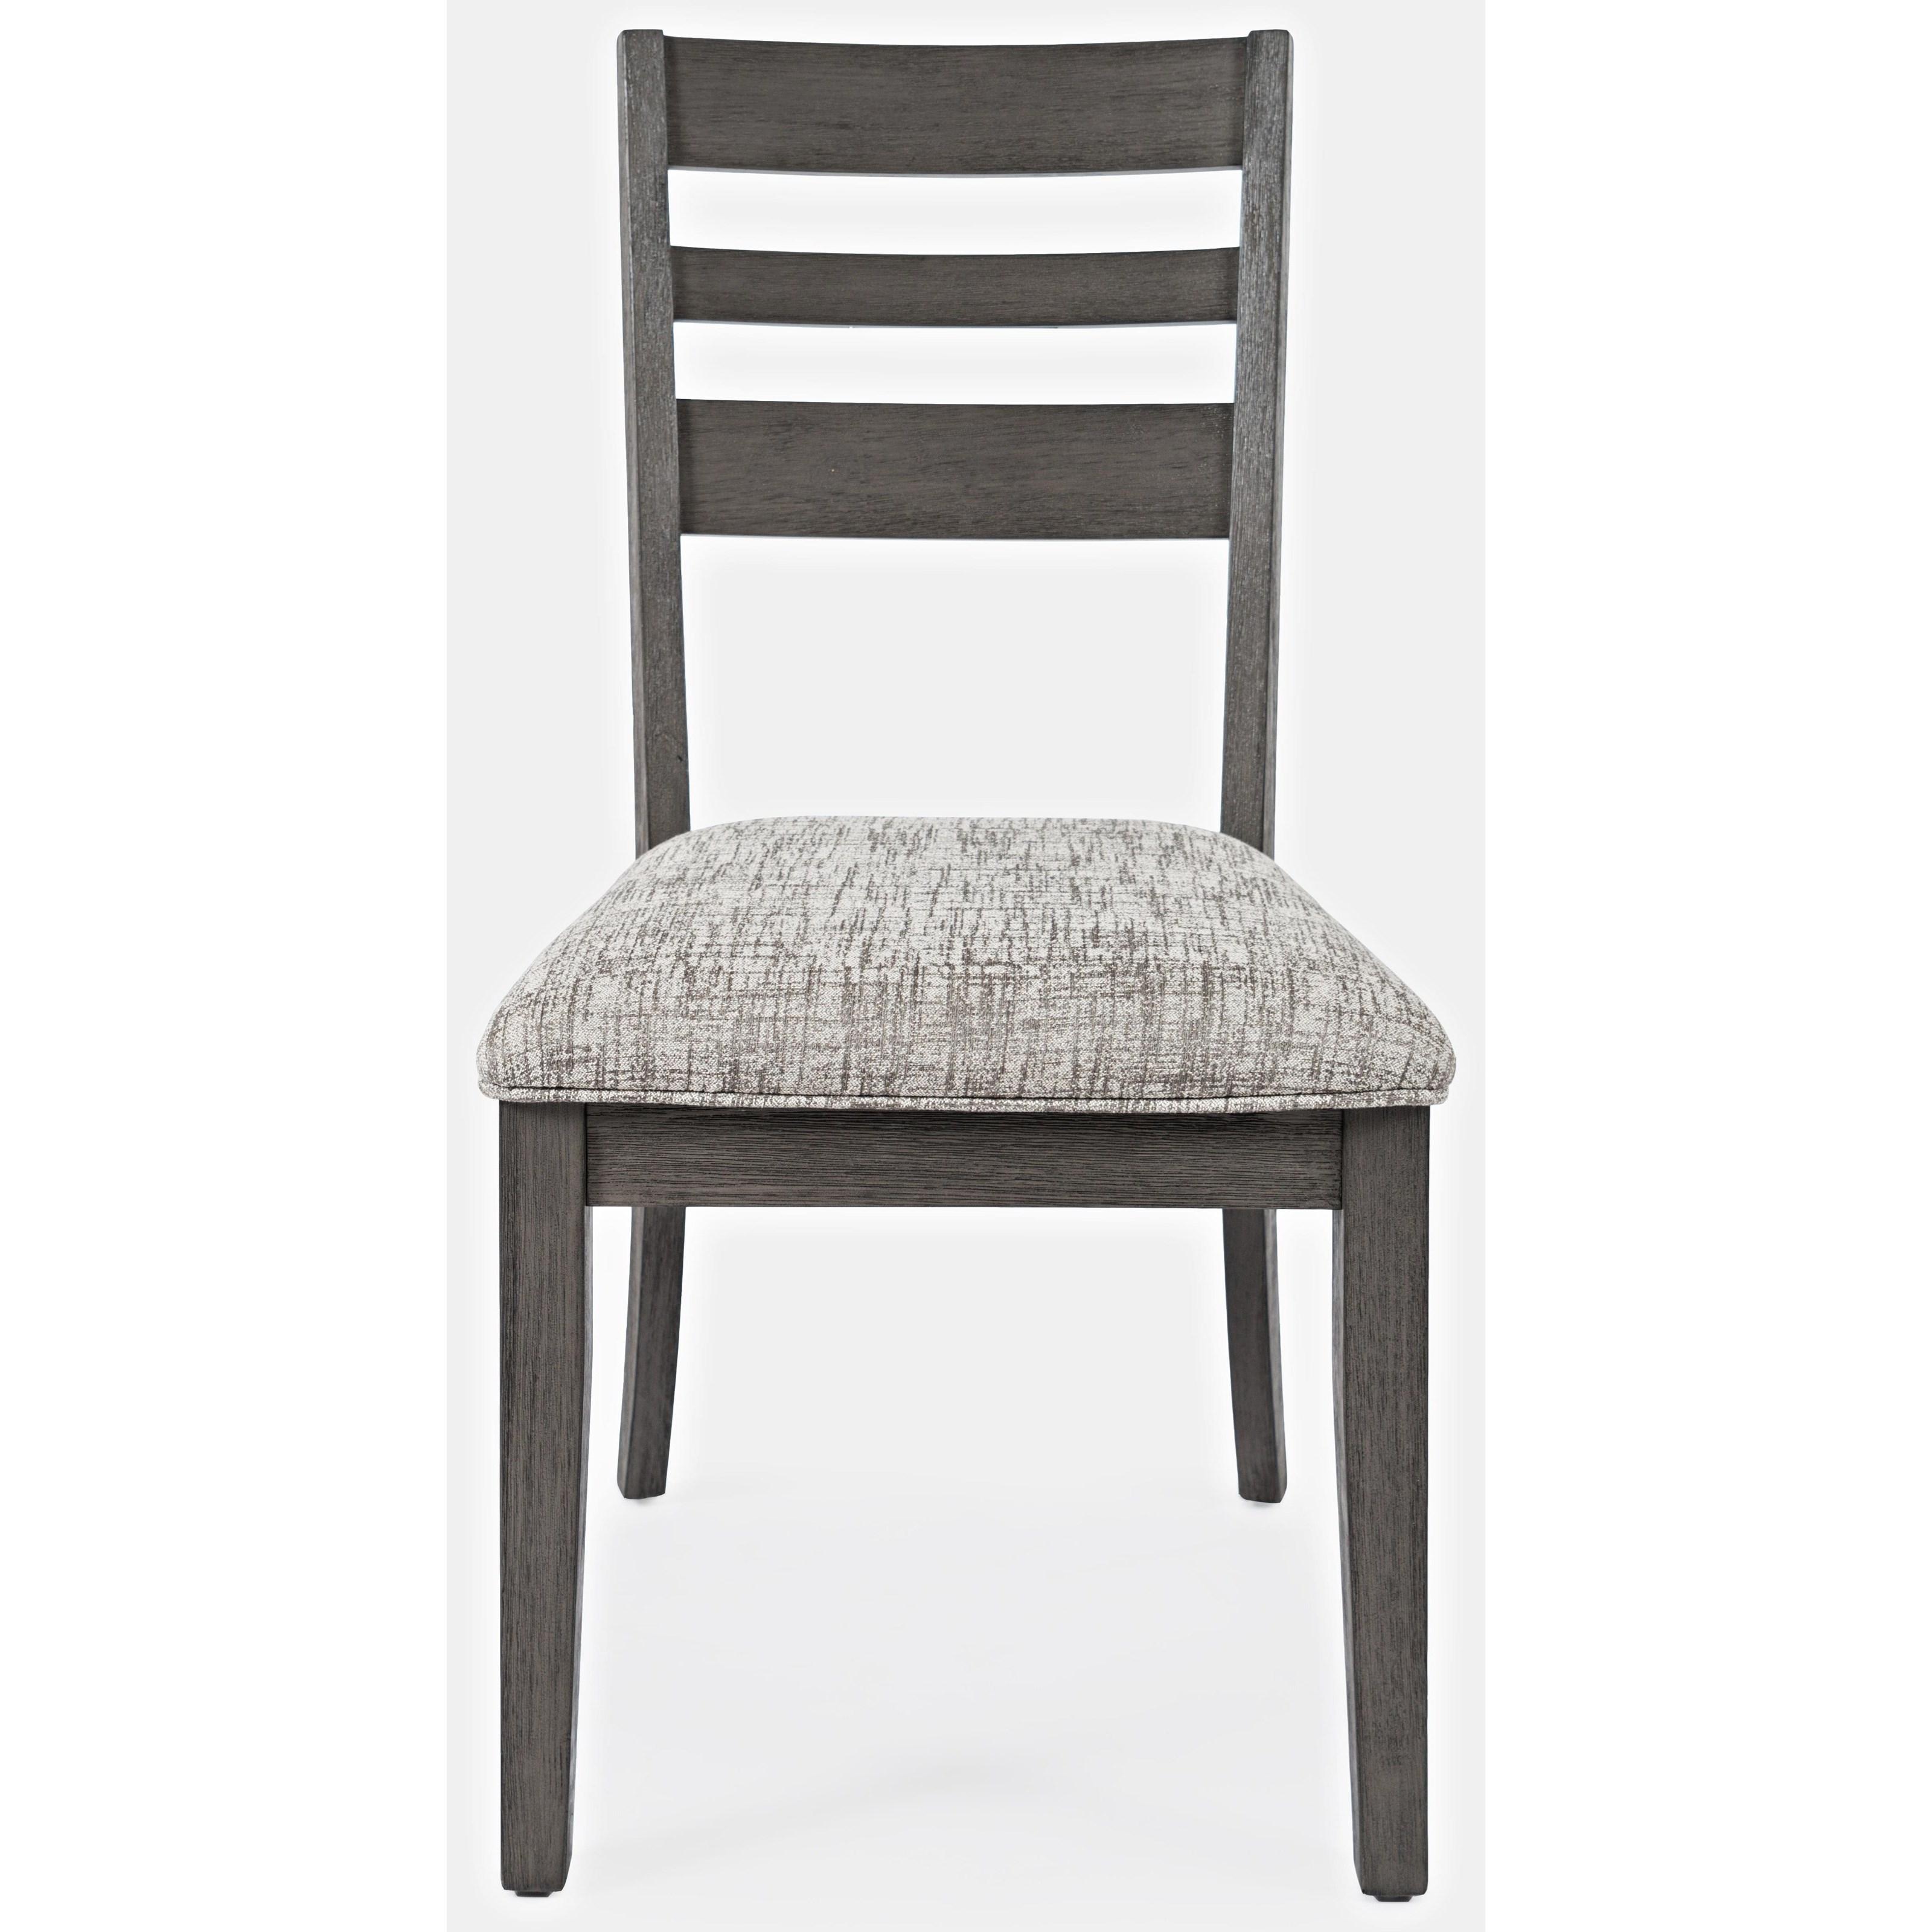 Altamonte  Ladderback Chair by Jofran at Lapeer Furniture & Mattress Center